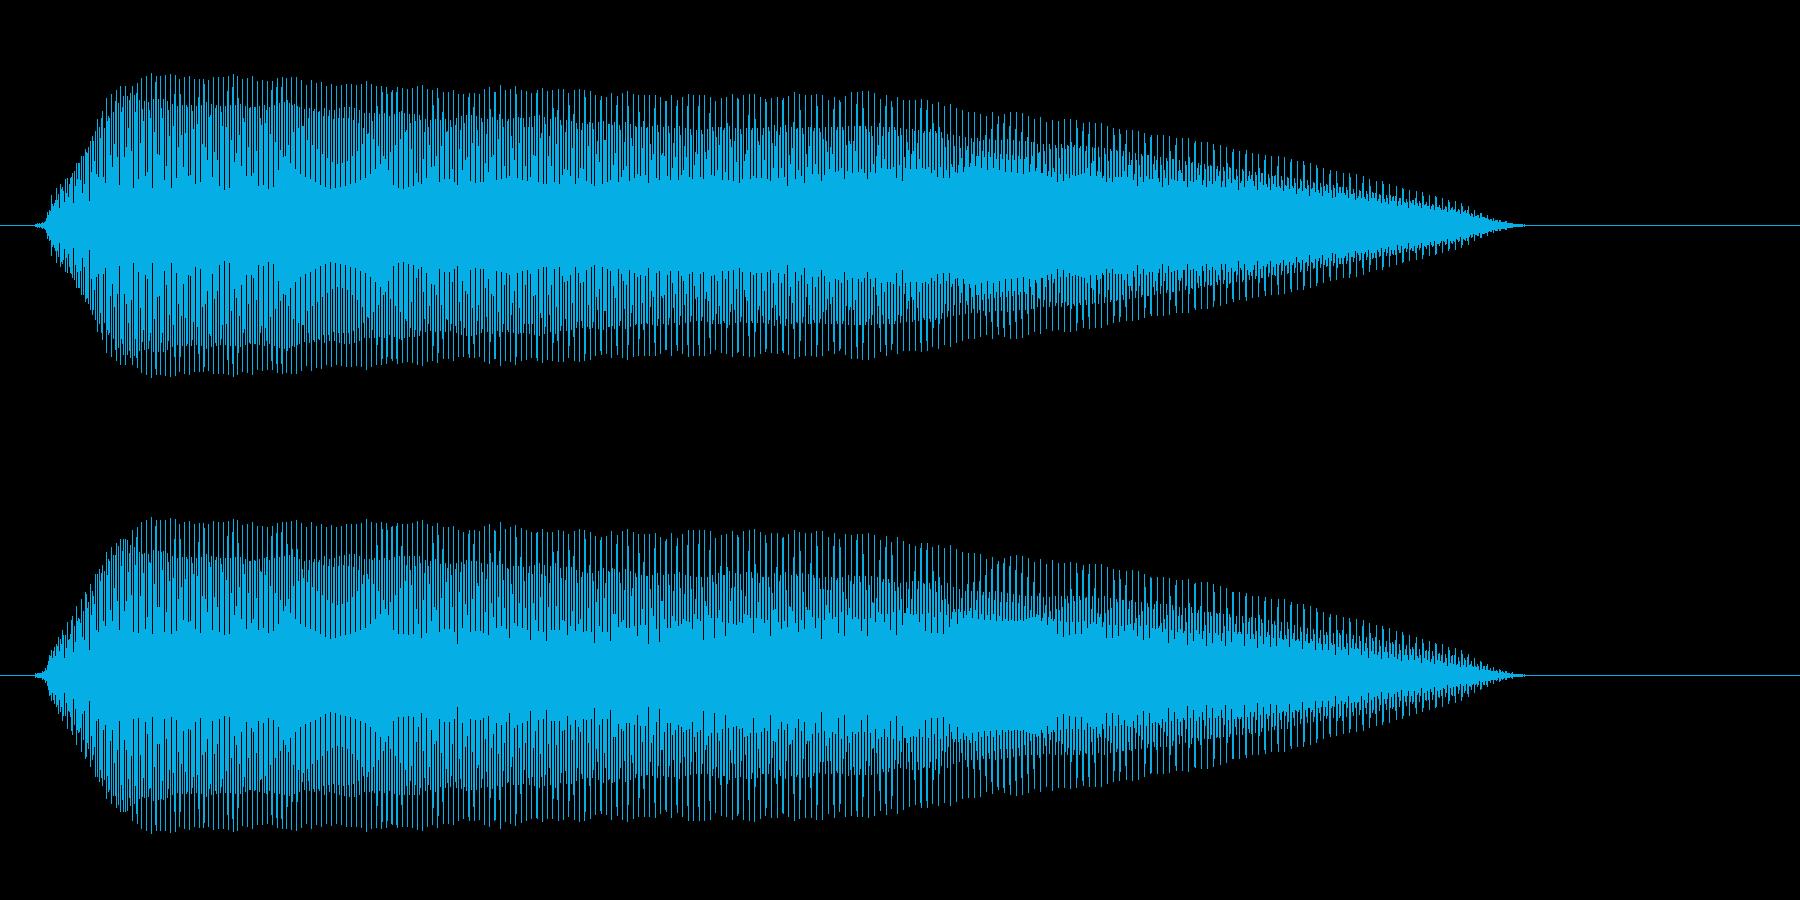 プーン(可愛らしい)の再生済みの波形